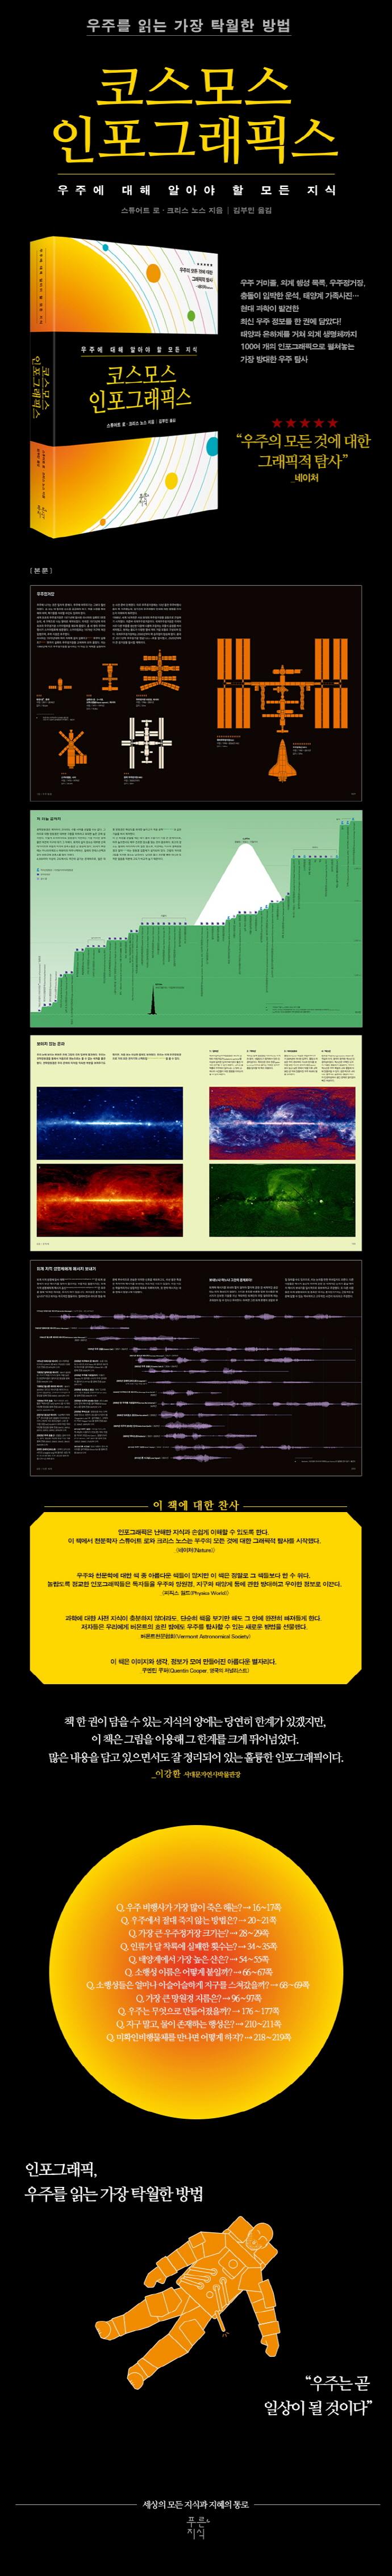 코스모스 인포그래픽스(그래픽 로직 12)(양장본 HardCover) 도서 상세이미지